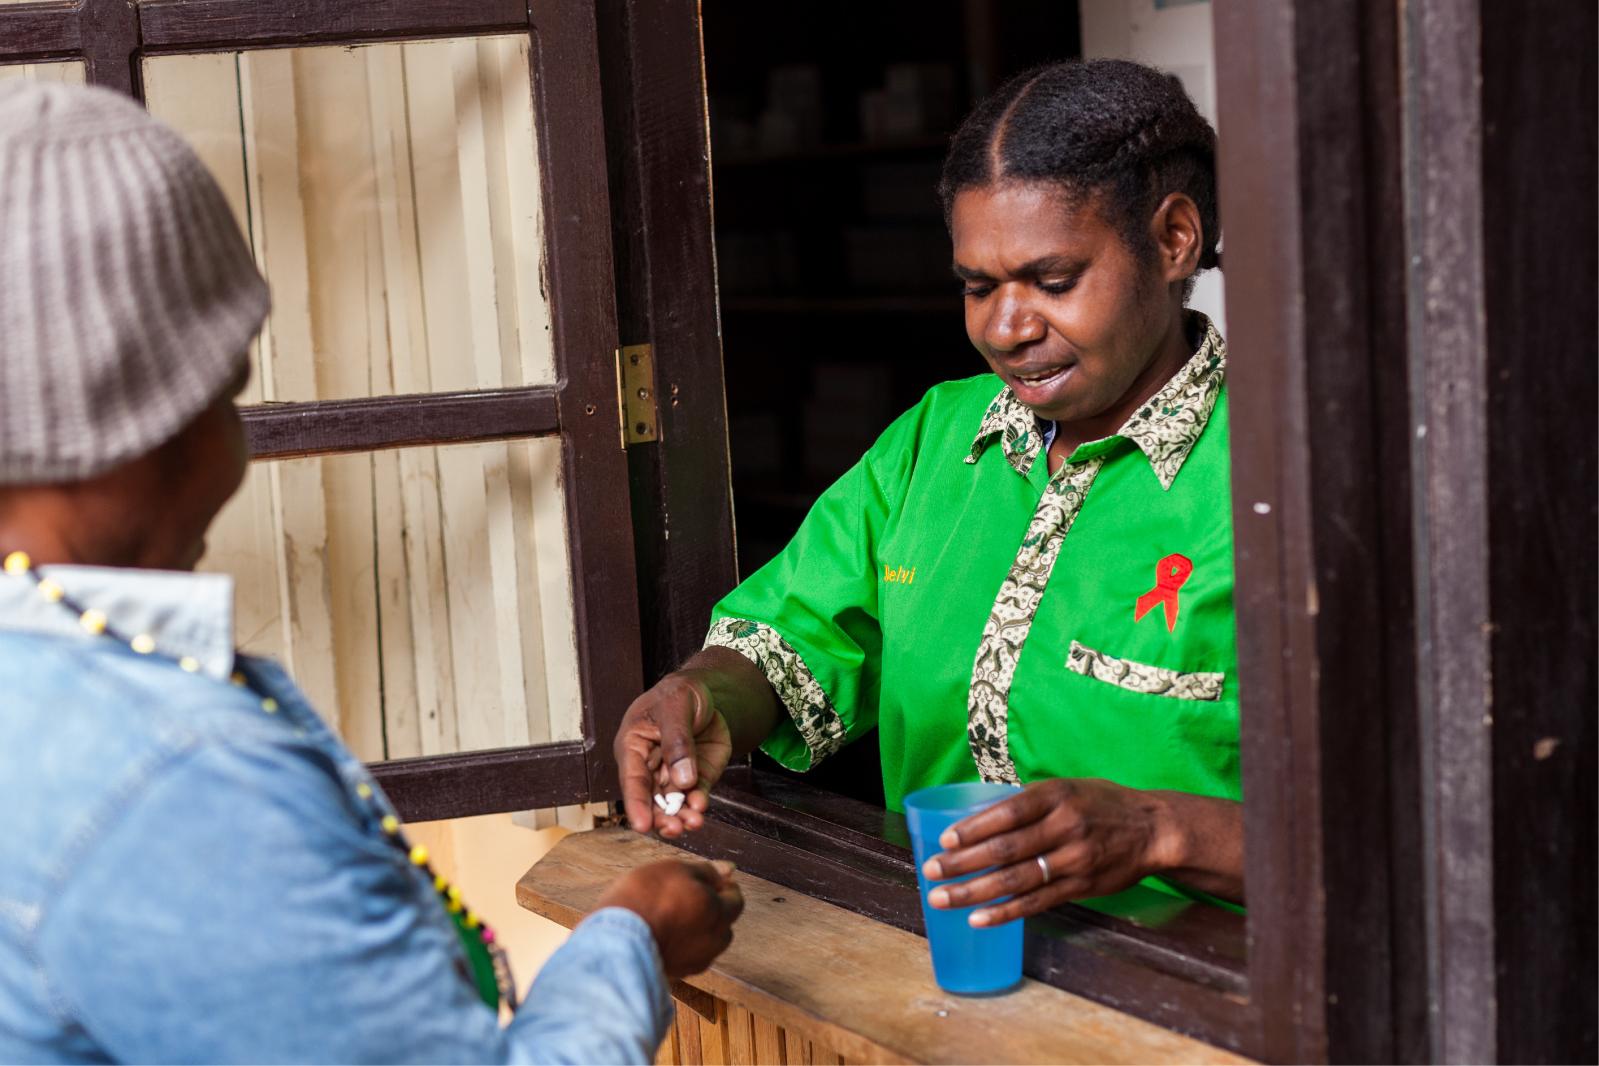 A nurse at Klinik Kalvari in Wamena gives medicines to a patient.